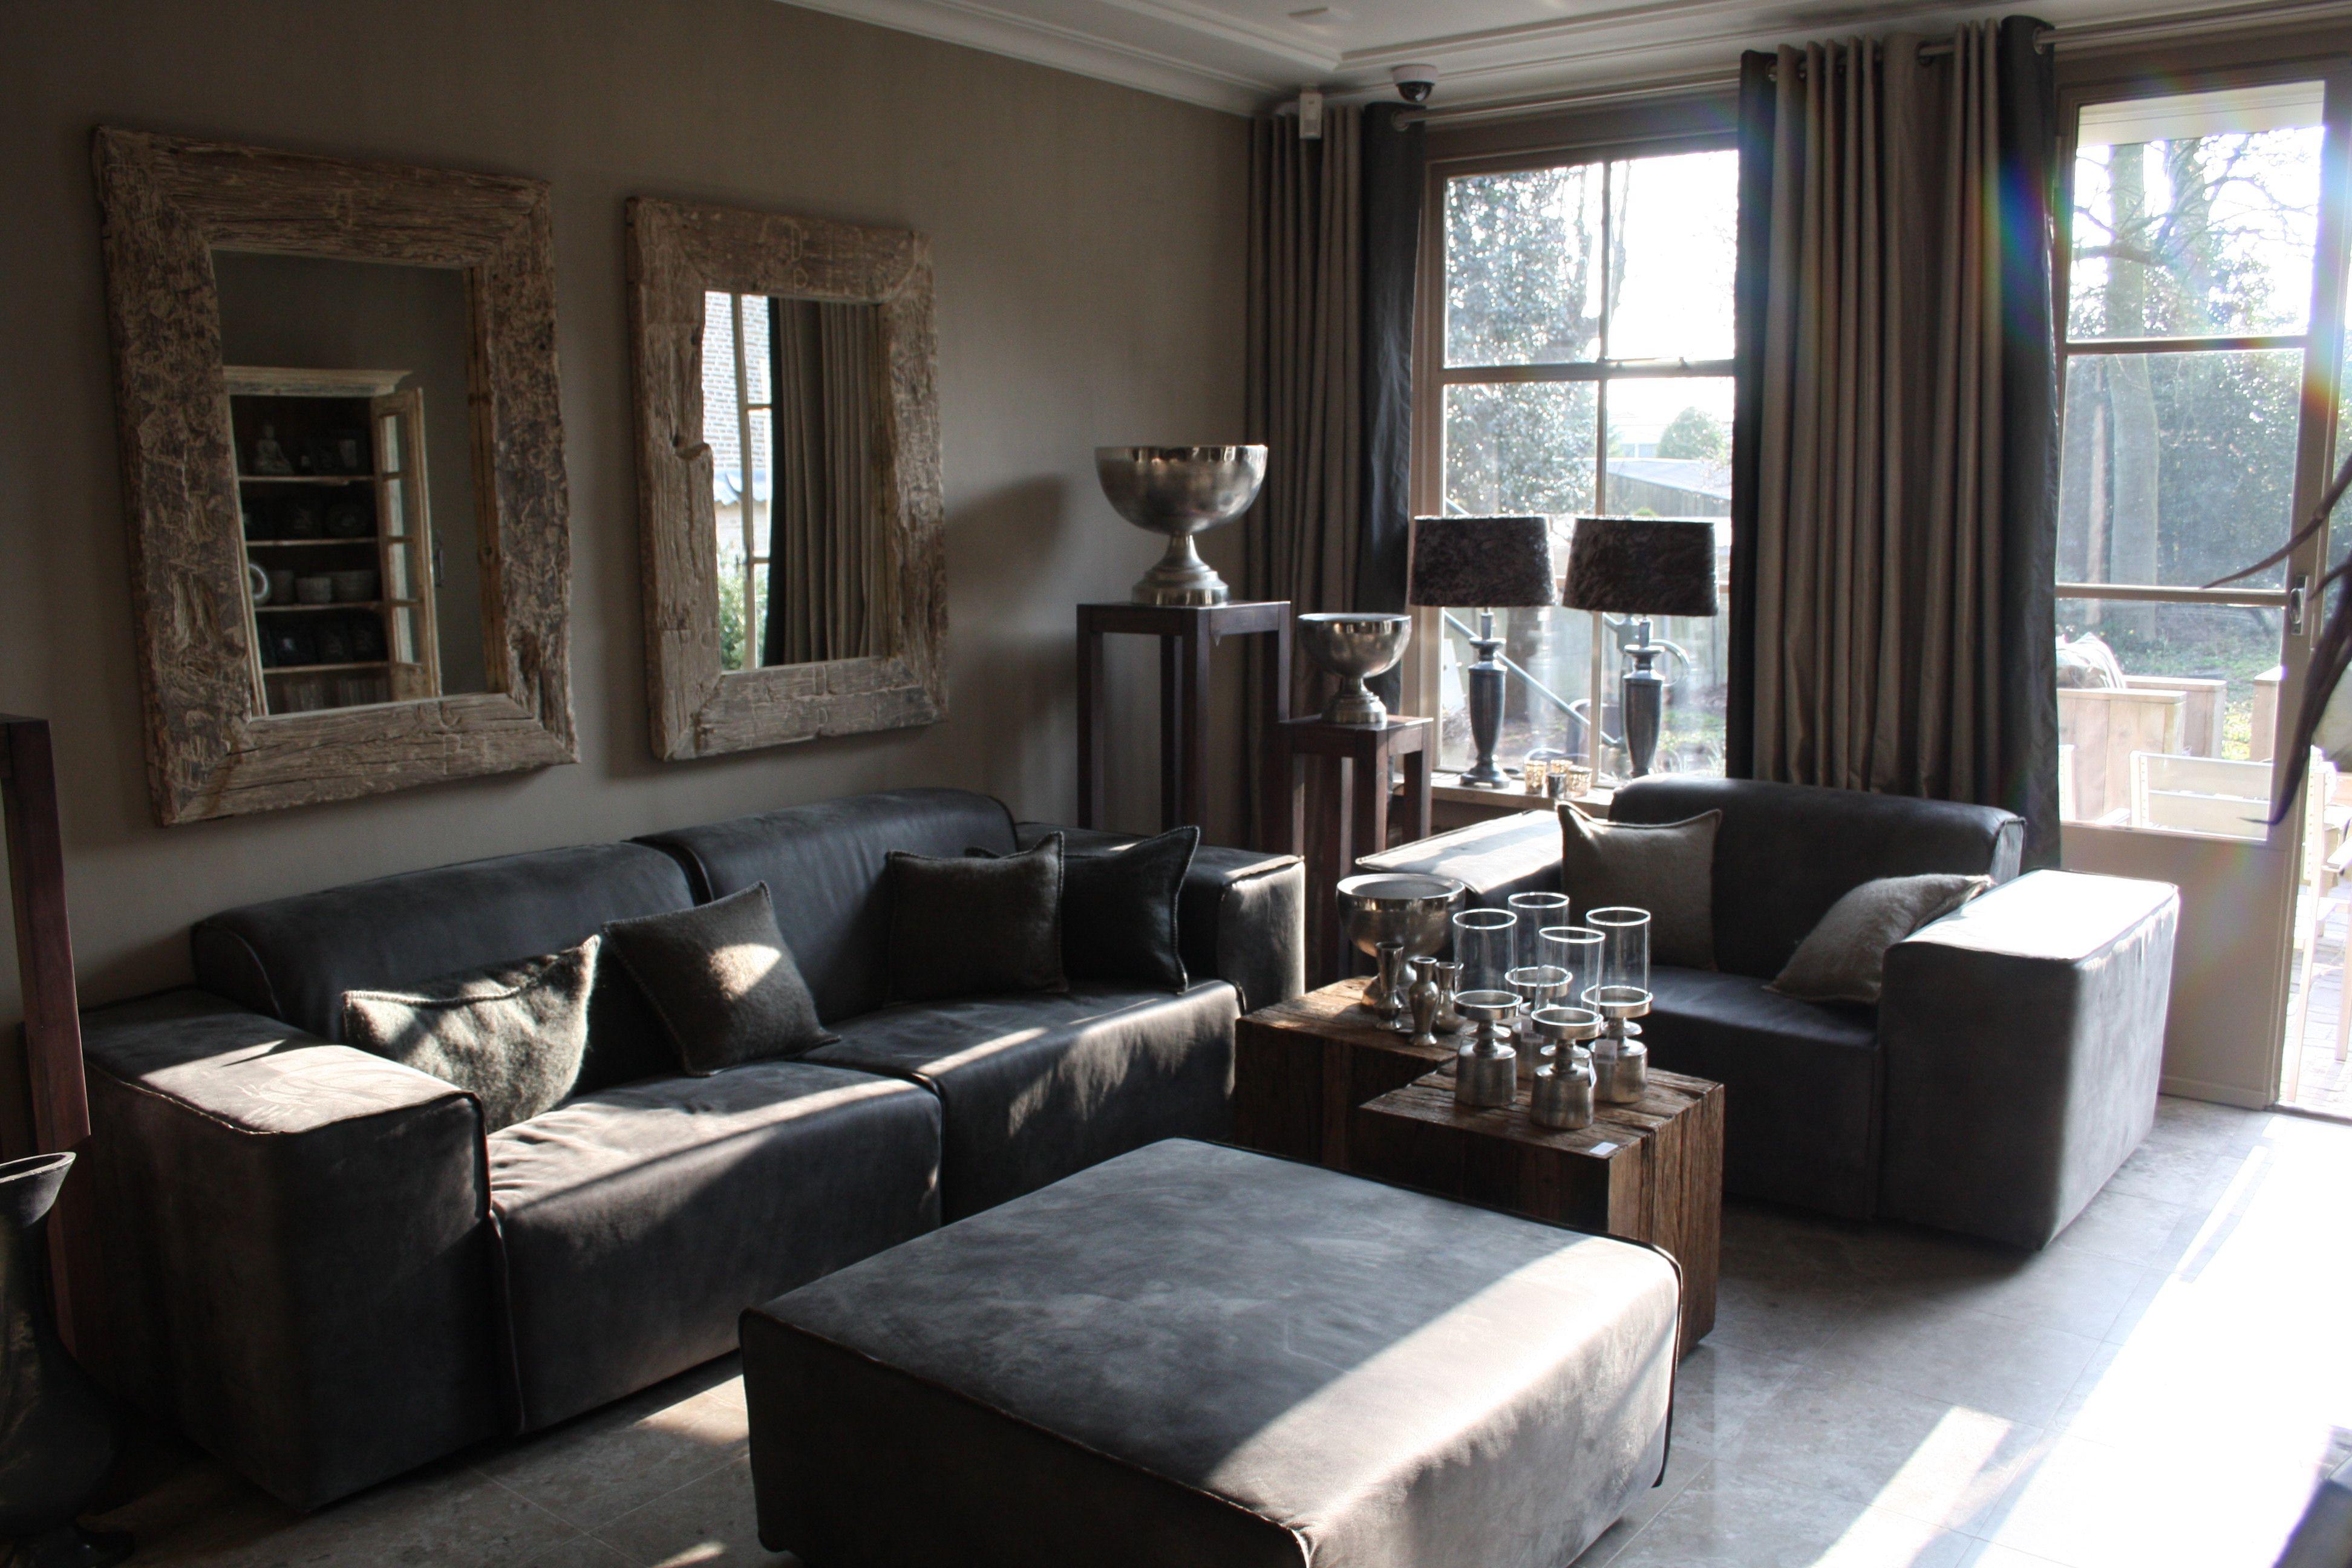 Het markthuys etten leur meubels huis pinterest meubels landelijk wonen en huiskamer - Eigentijdse woonkamer decoratie ...